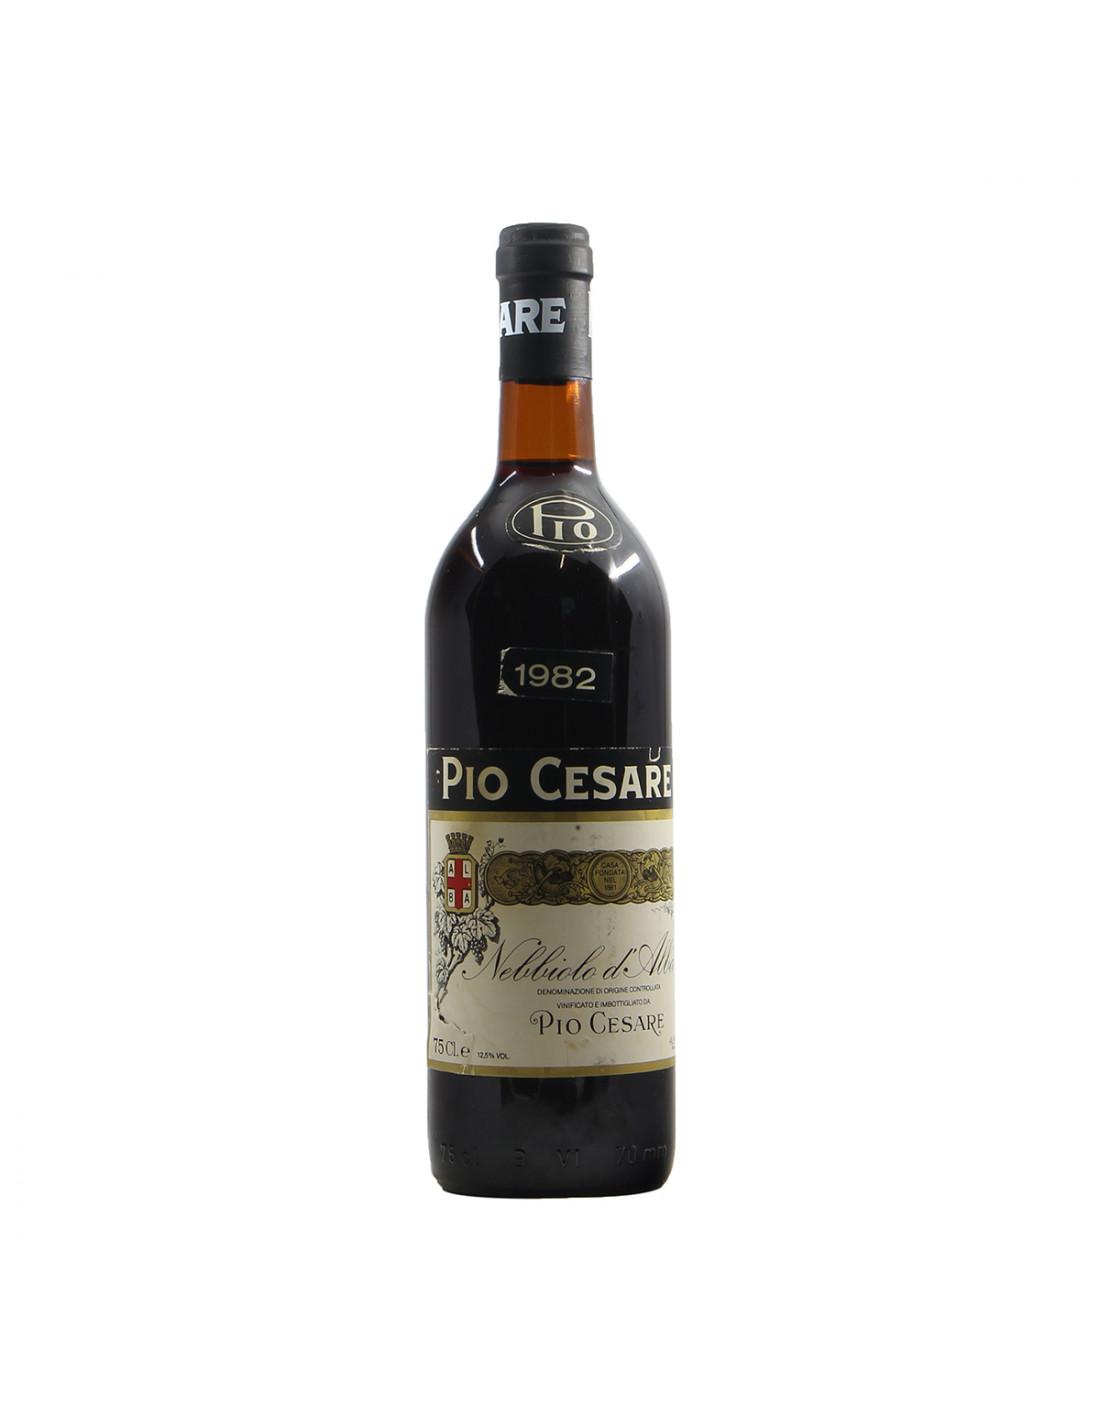 Pio Cesare Nebbiolo d'Alba 1982 Grandi Bottiglie